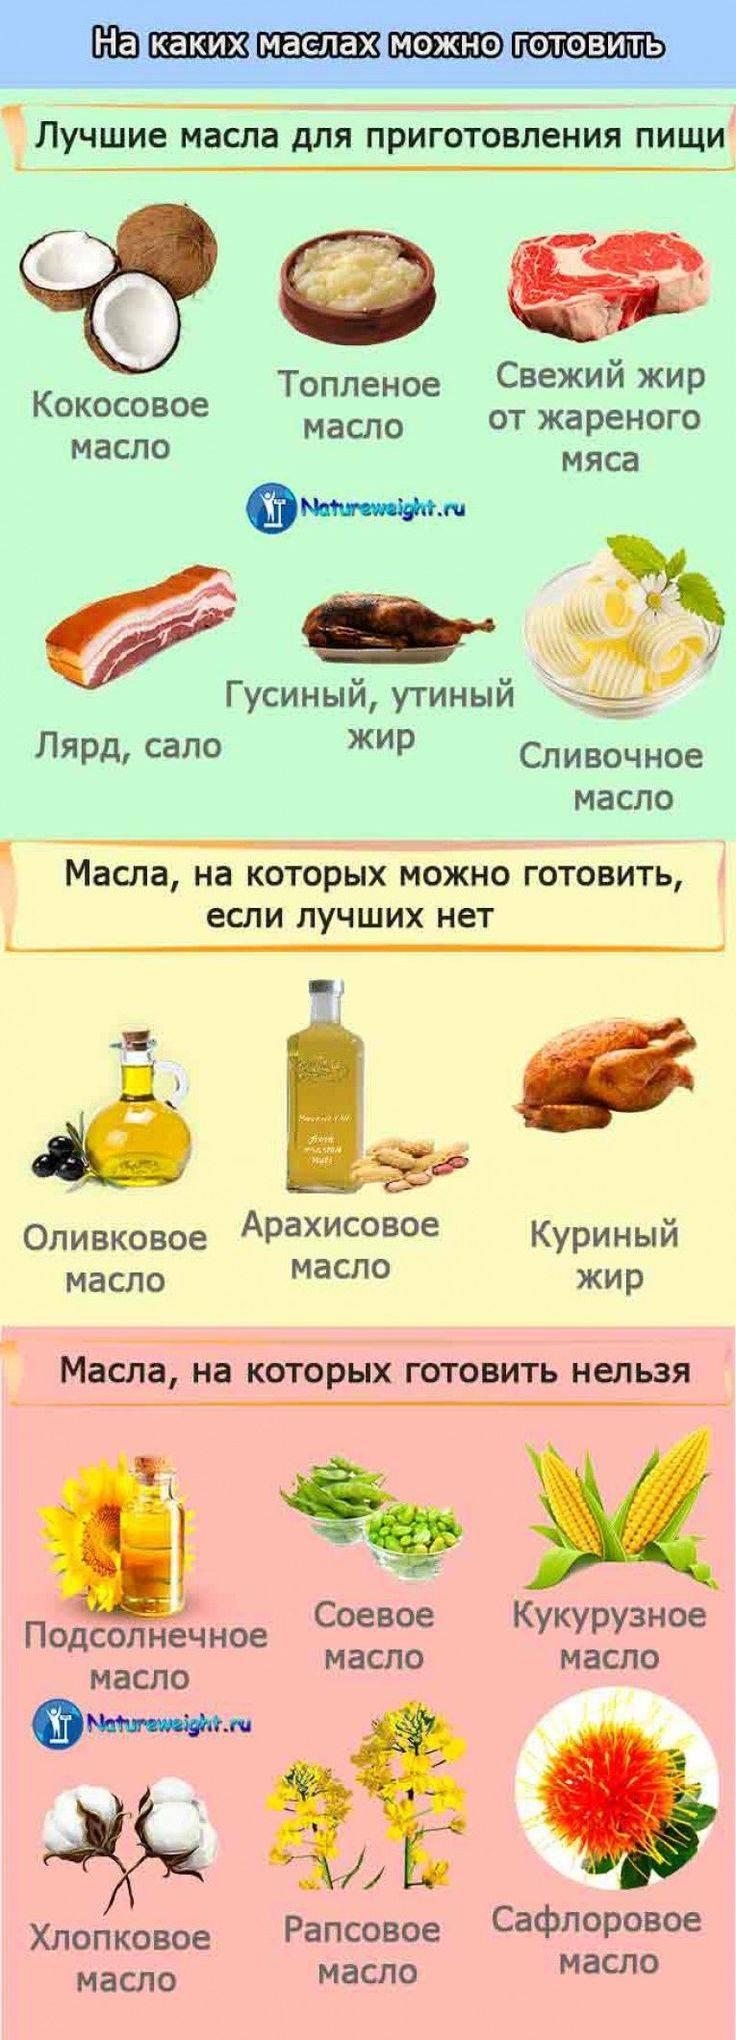 На каком масле лучше жарить? можно ли готовить на оливковом масле?